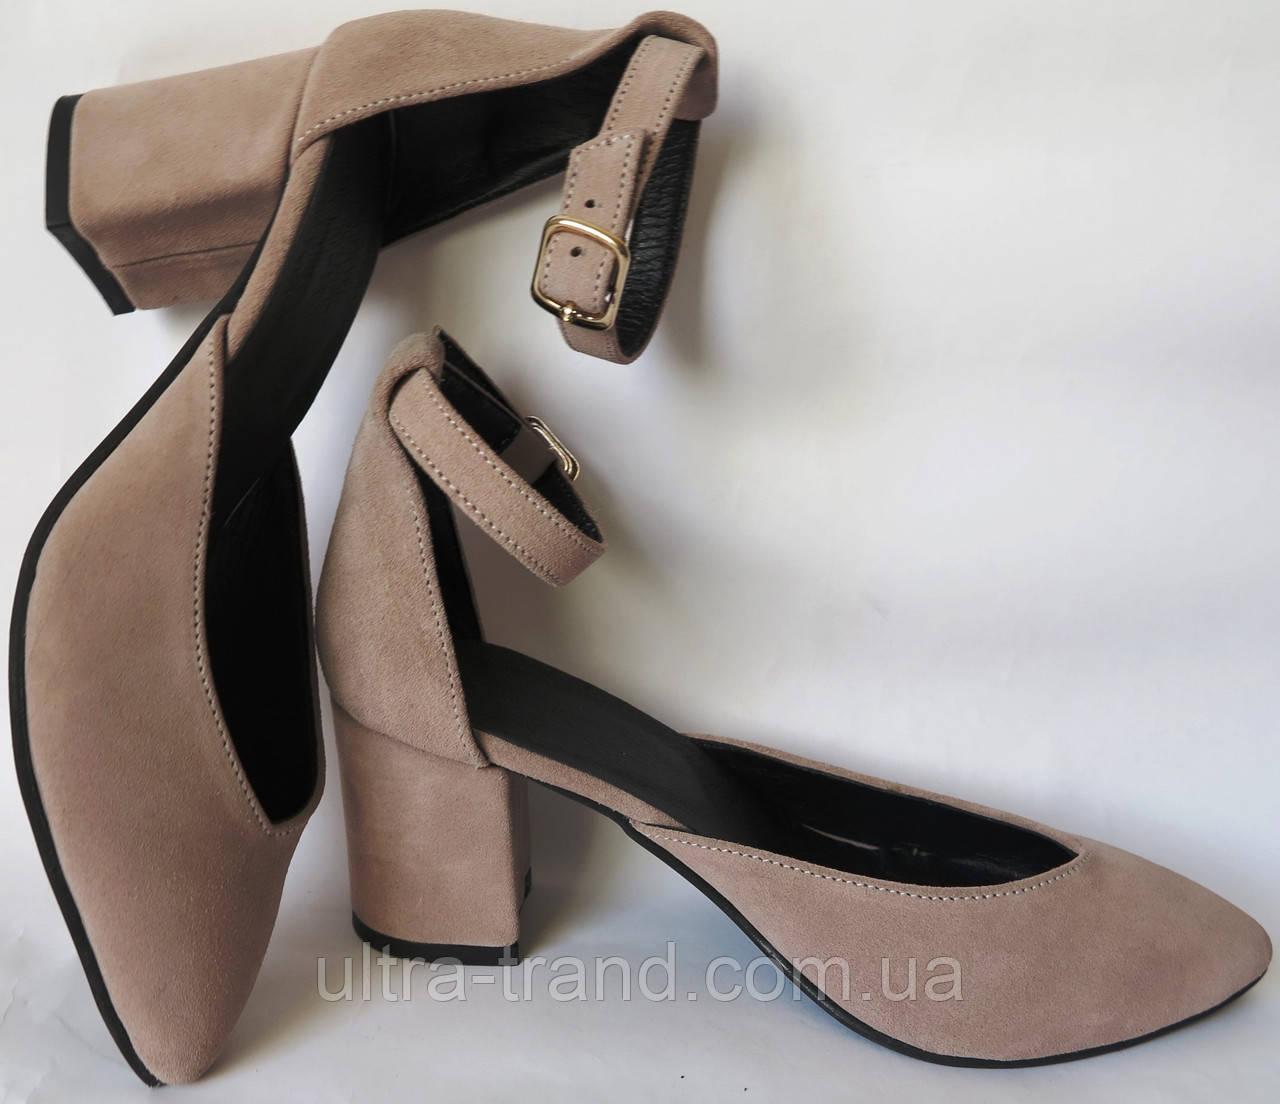 Комфортные туфли Limoda из натуральной замши босоножки на каблуке 6 см латте замш